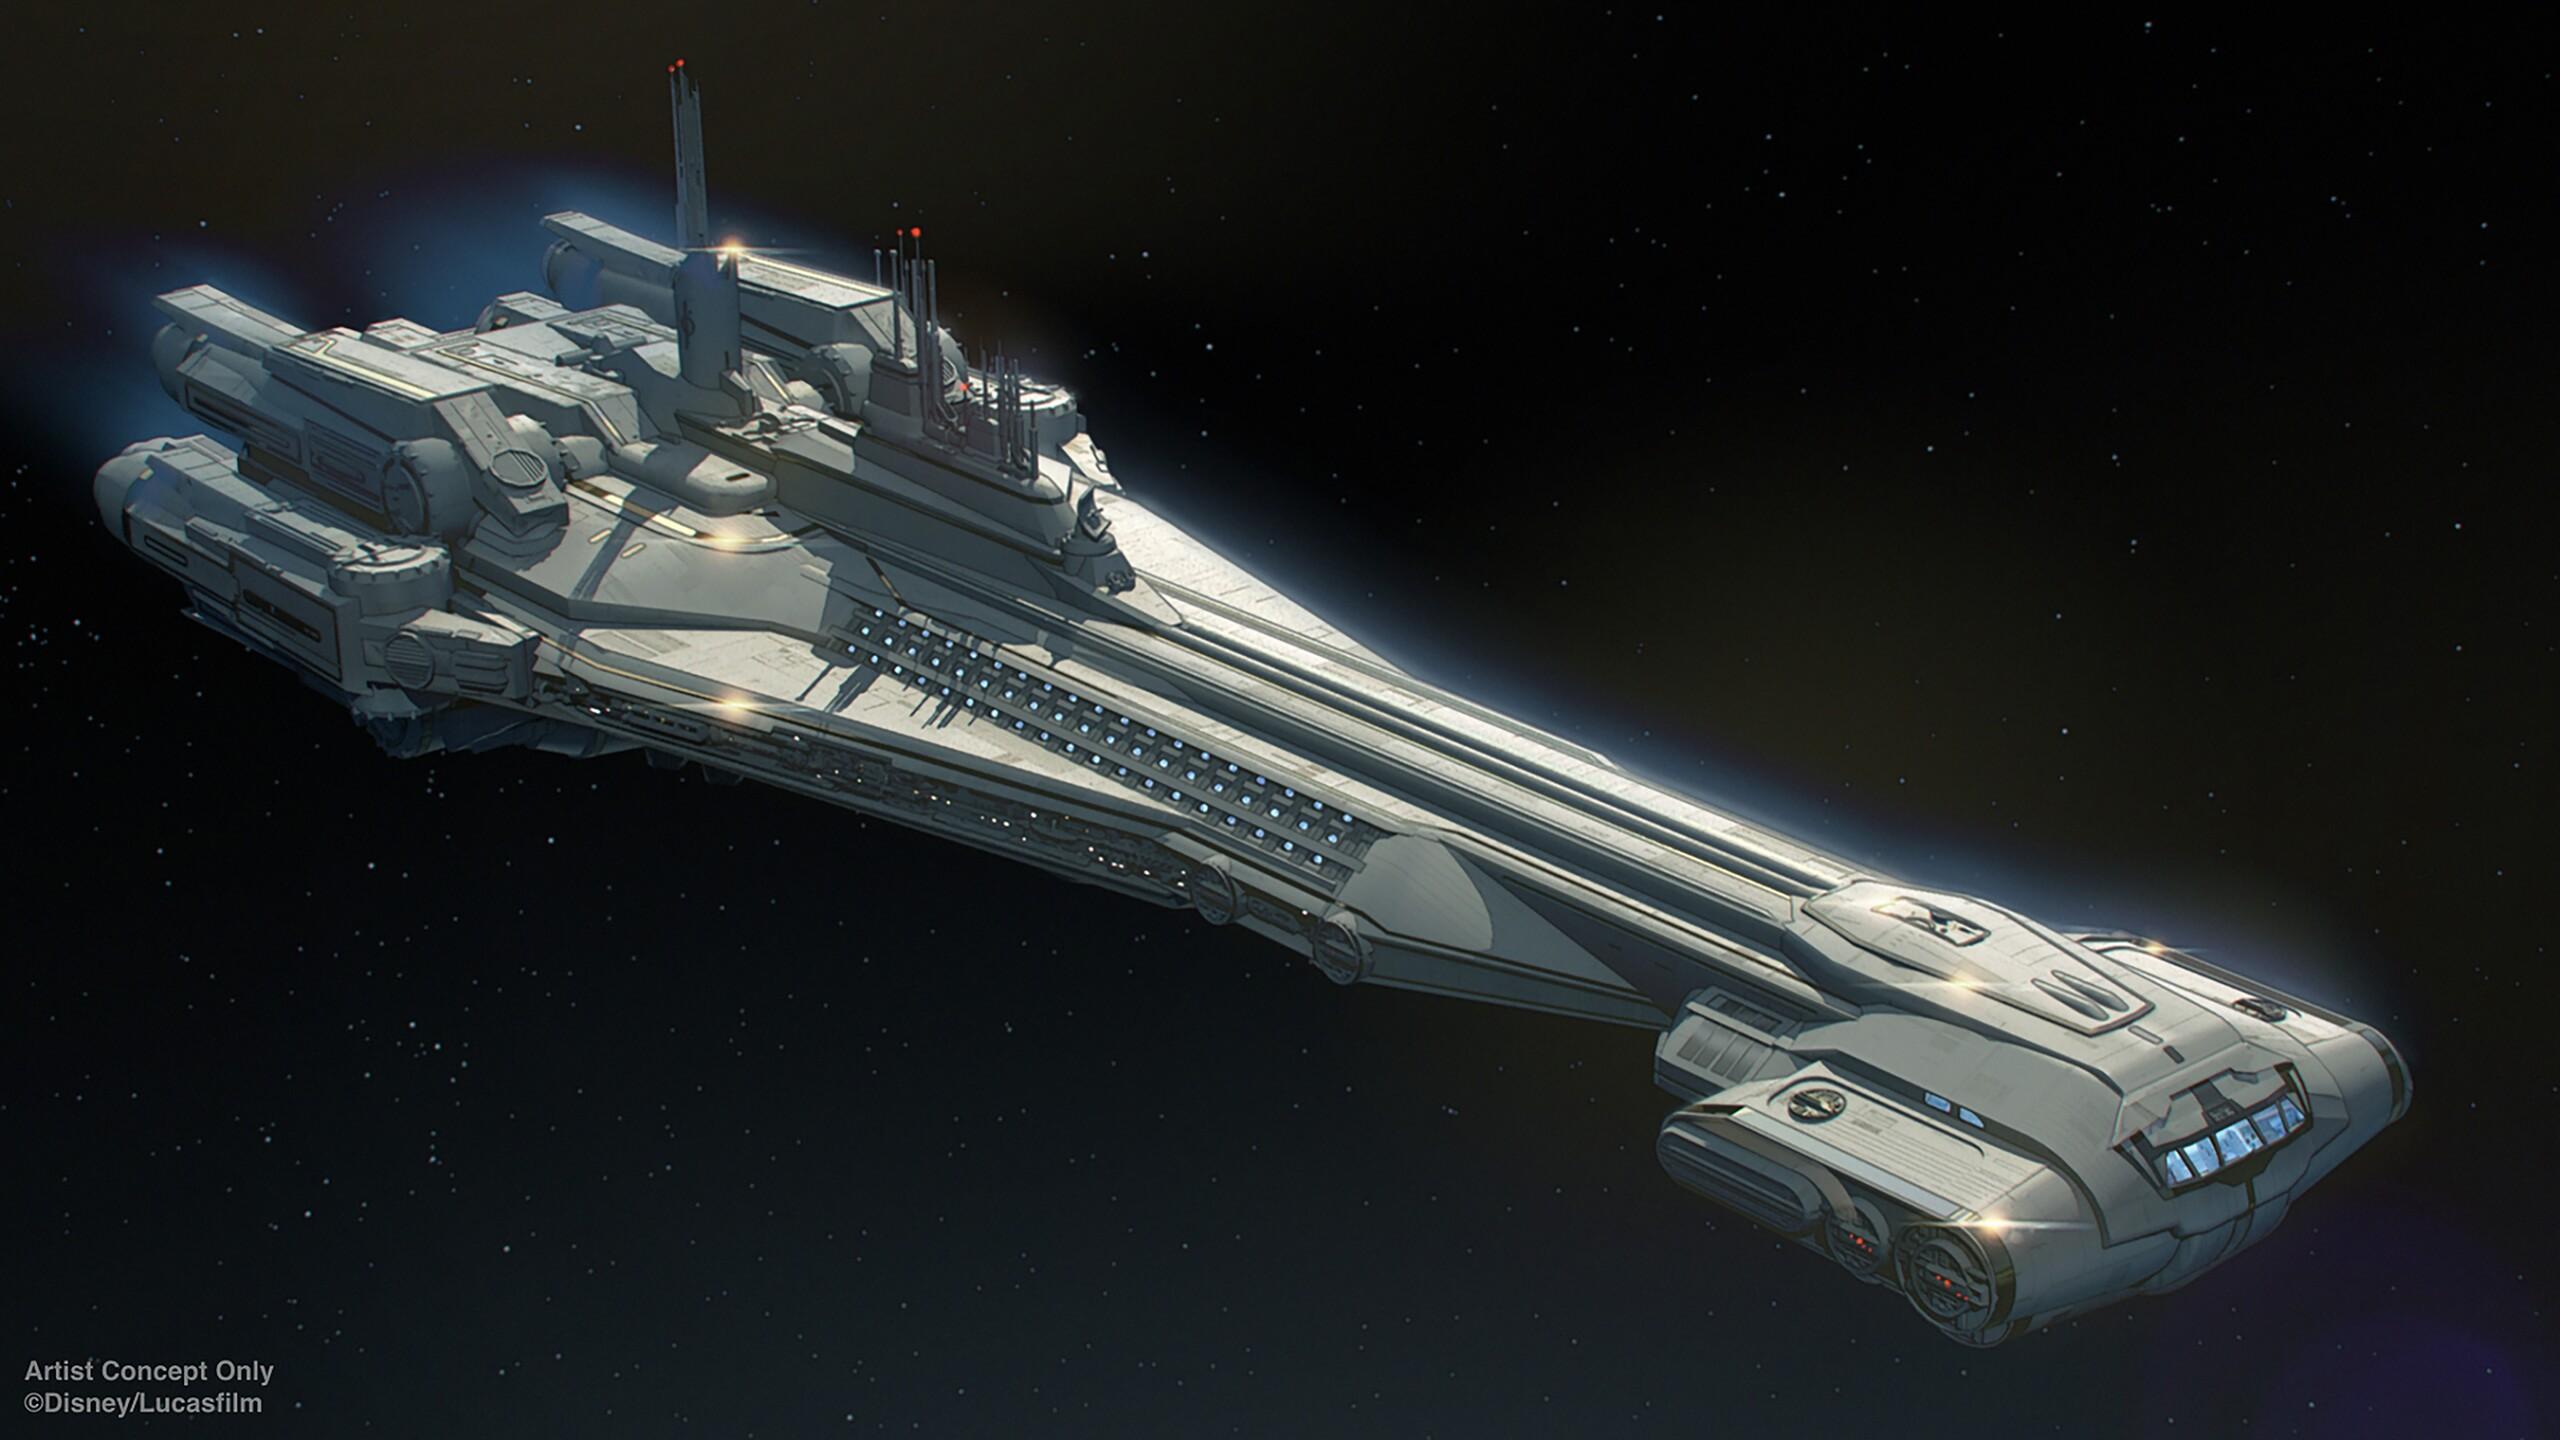 Star Wars: Galactic Starcruiser Ship